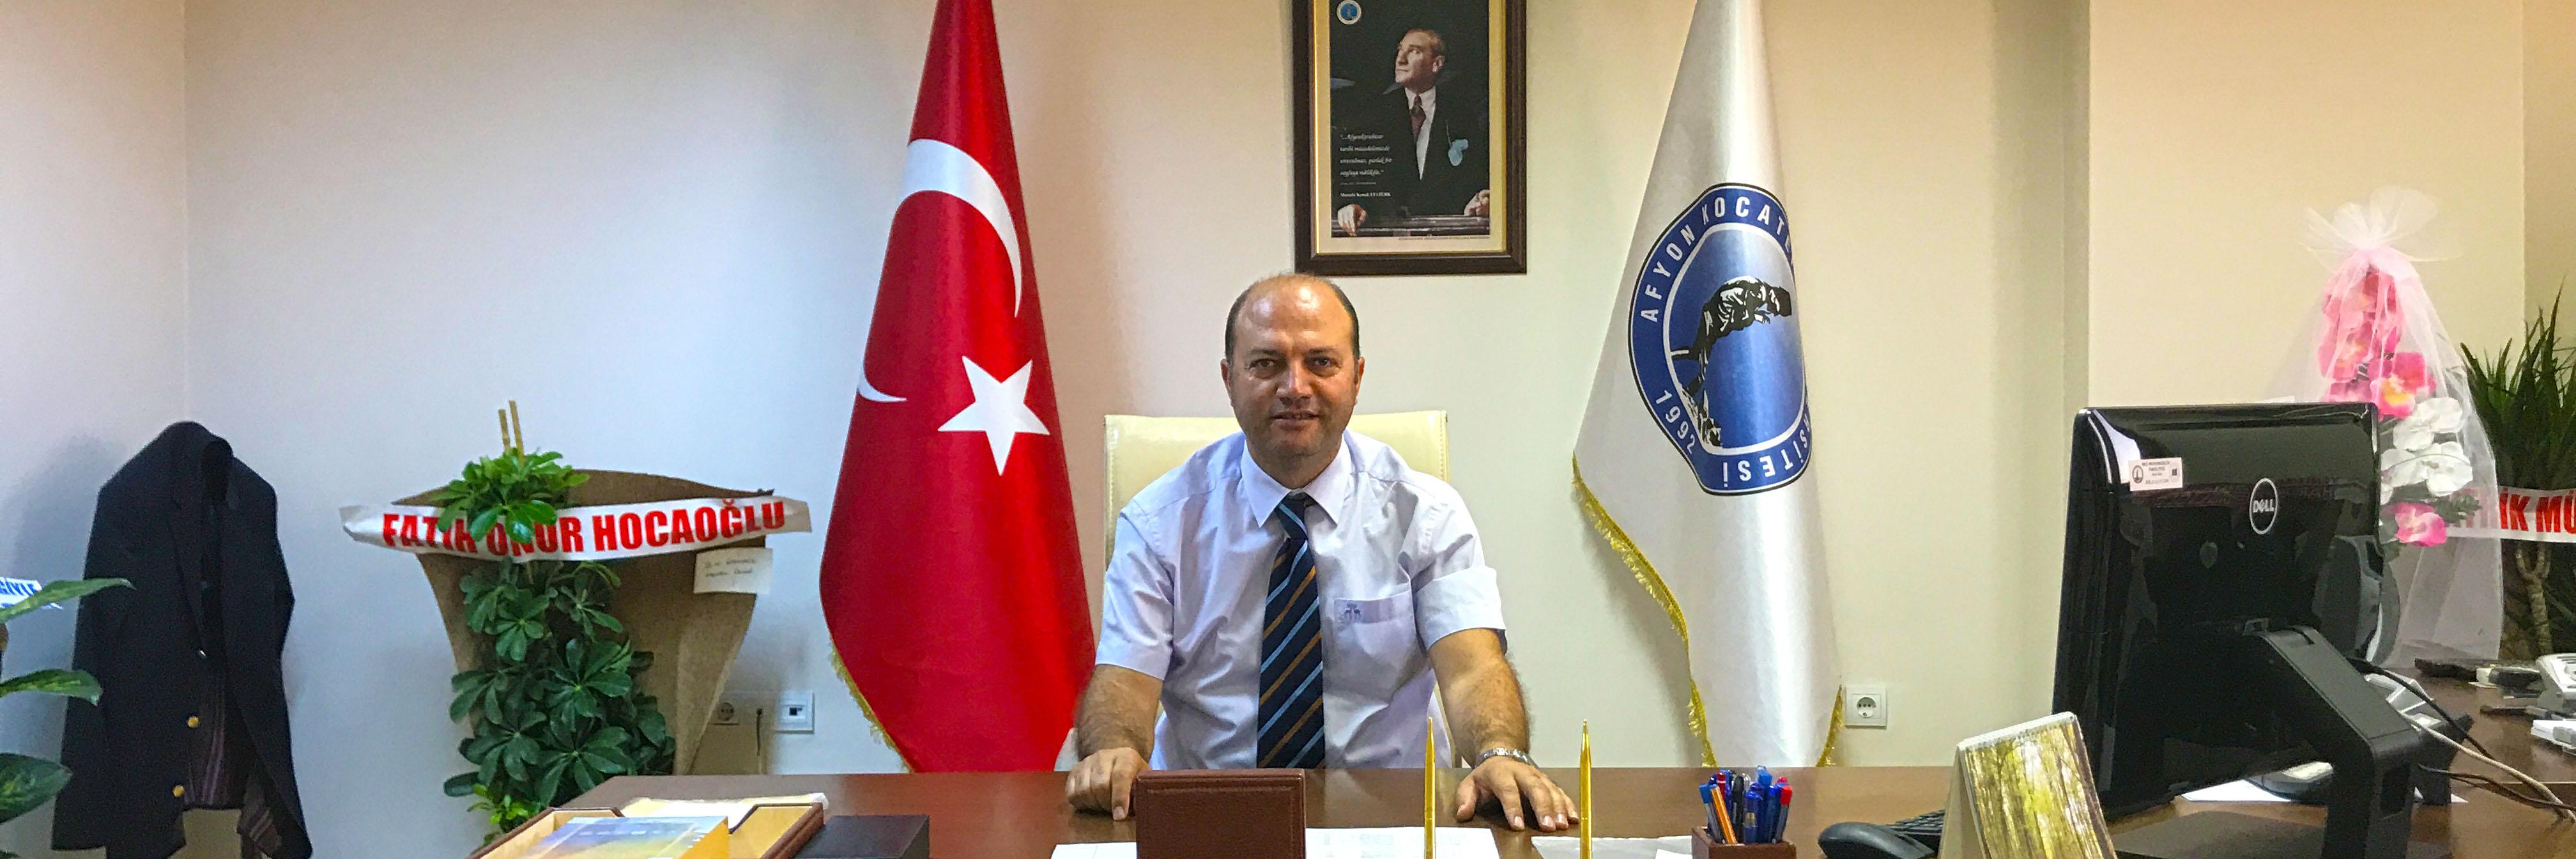 Prof.Dr. Ahmet YILDIZ Mühendislik Fakültesi'ne Dekan Olarak Atandı